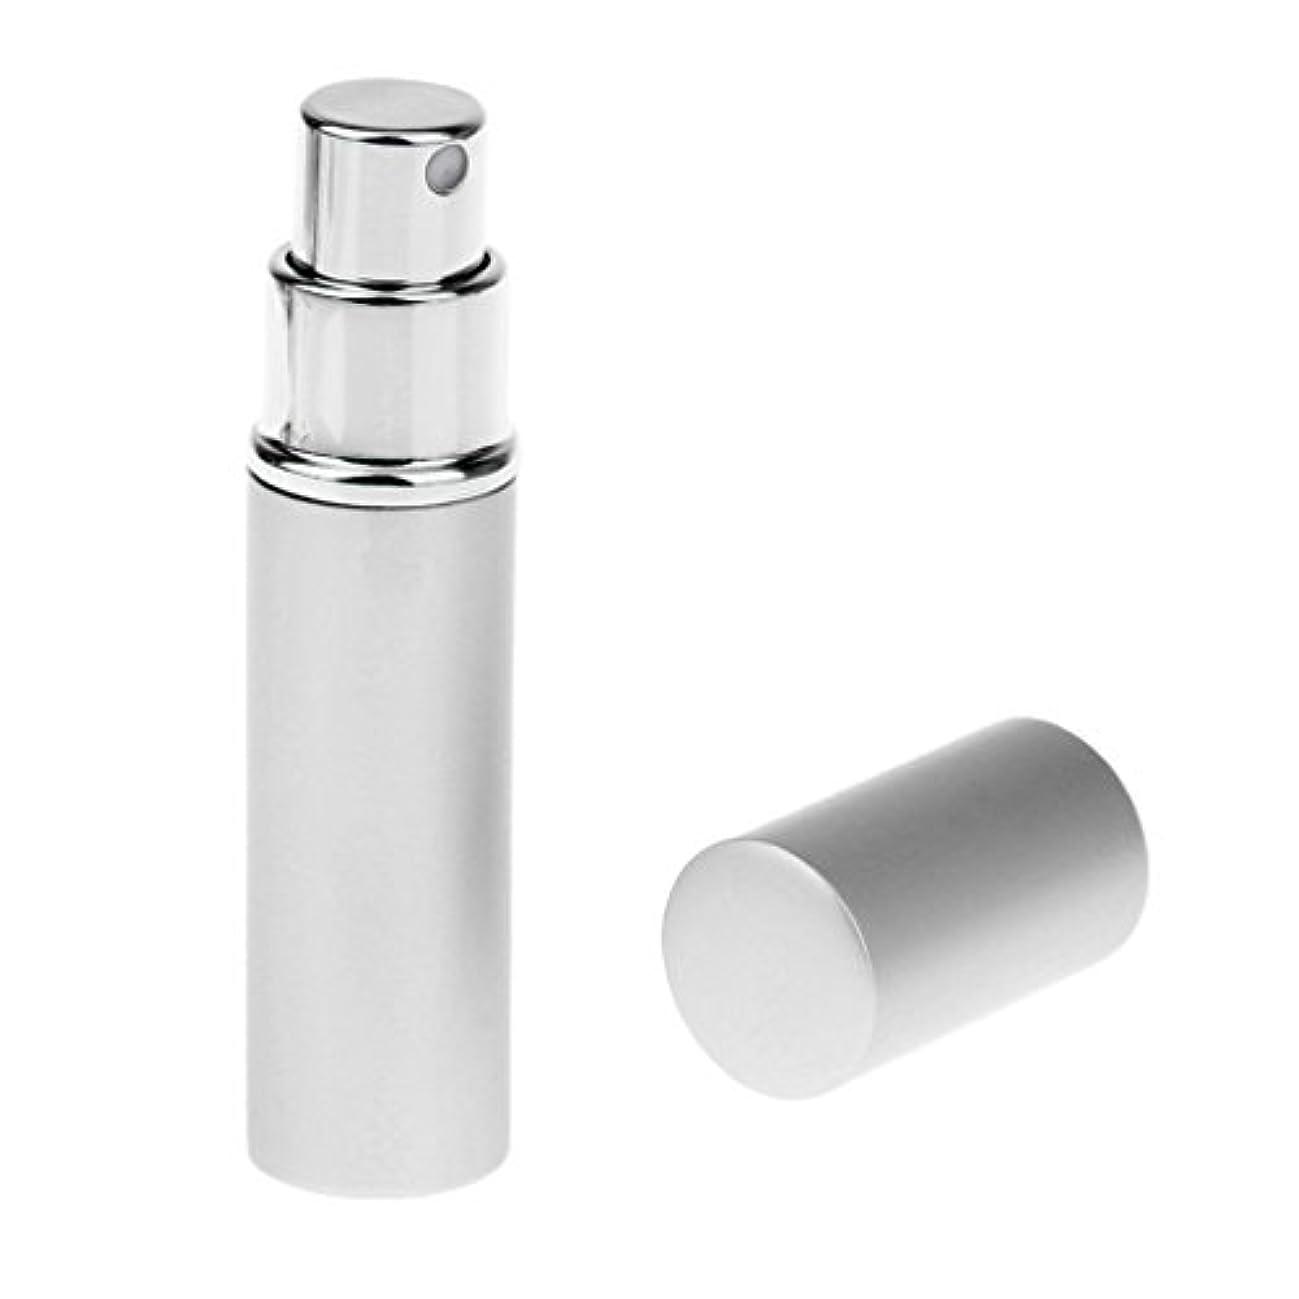 主張パイプラインムスタチオKesoto 男女兼用 詰め替え可能 ポータブル アルミ ガラス製 香水アトマイザー 空ボトル ポンプ 全4色 - 銀色